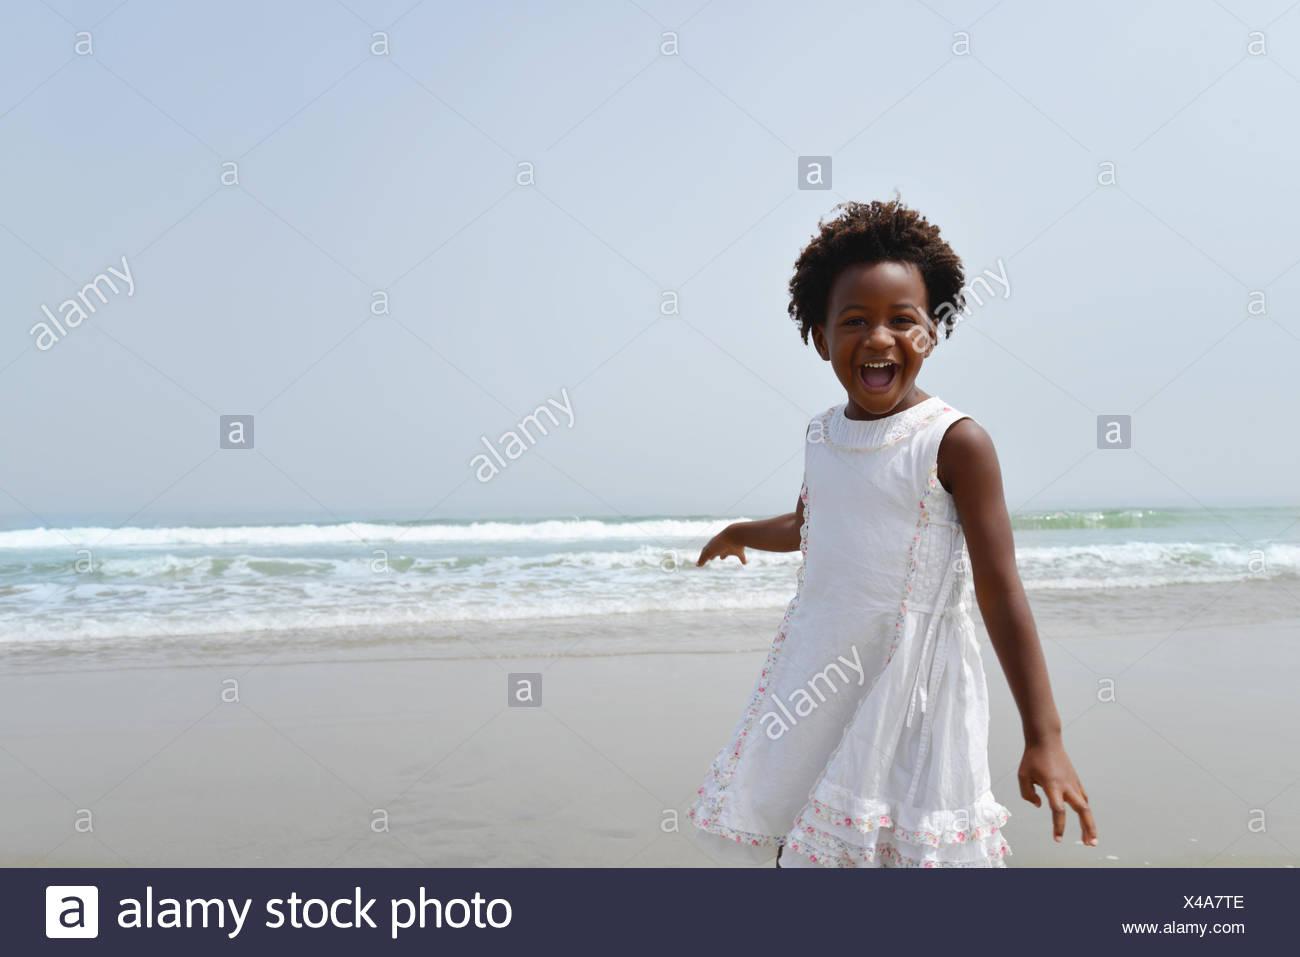 Retrato de un joven afroamericano feliz en la playa Imagen De Stock